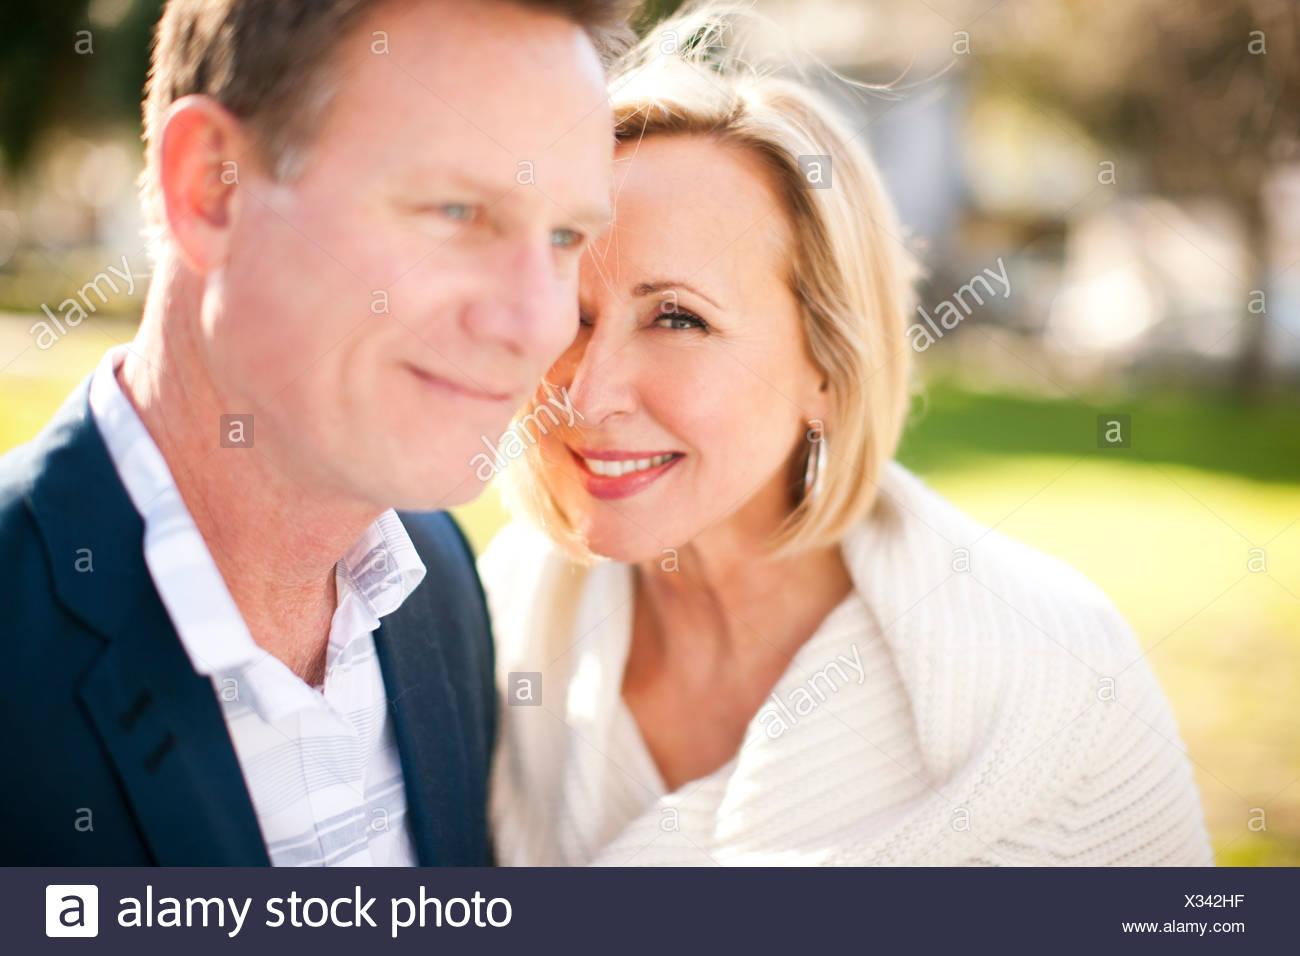 Amorevole coppia eterosessuale in posizione di parcheggio Immagini Stock